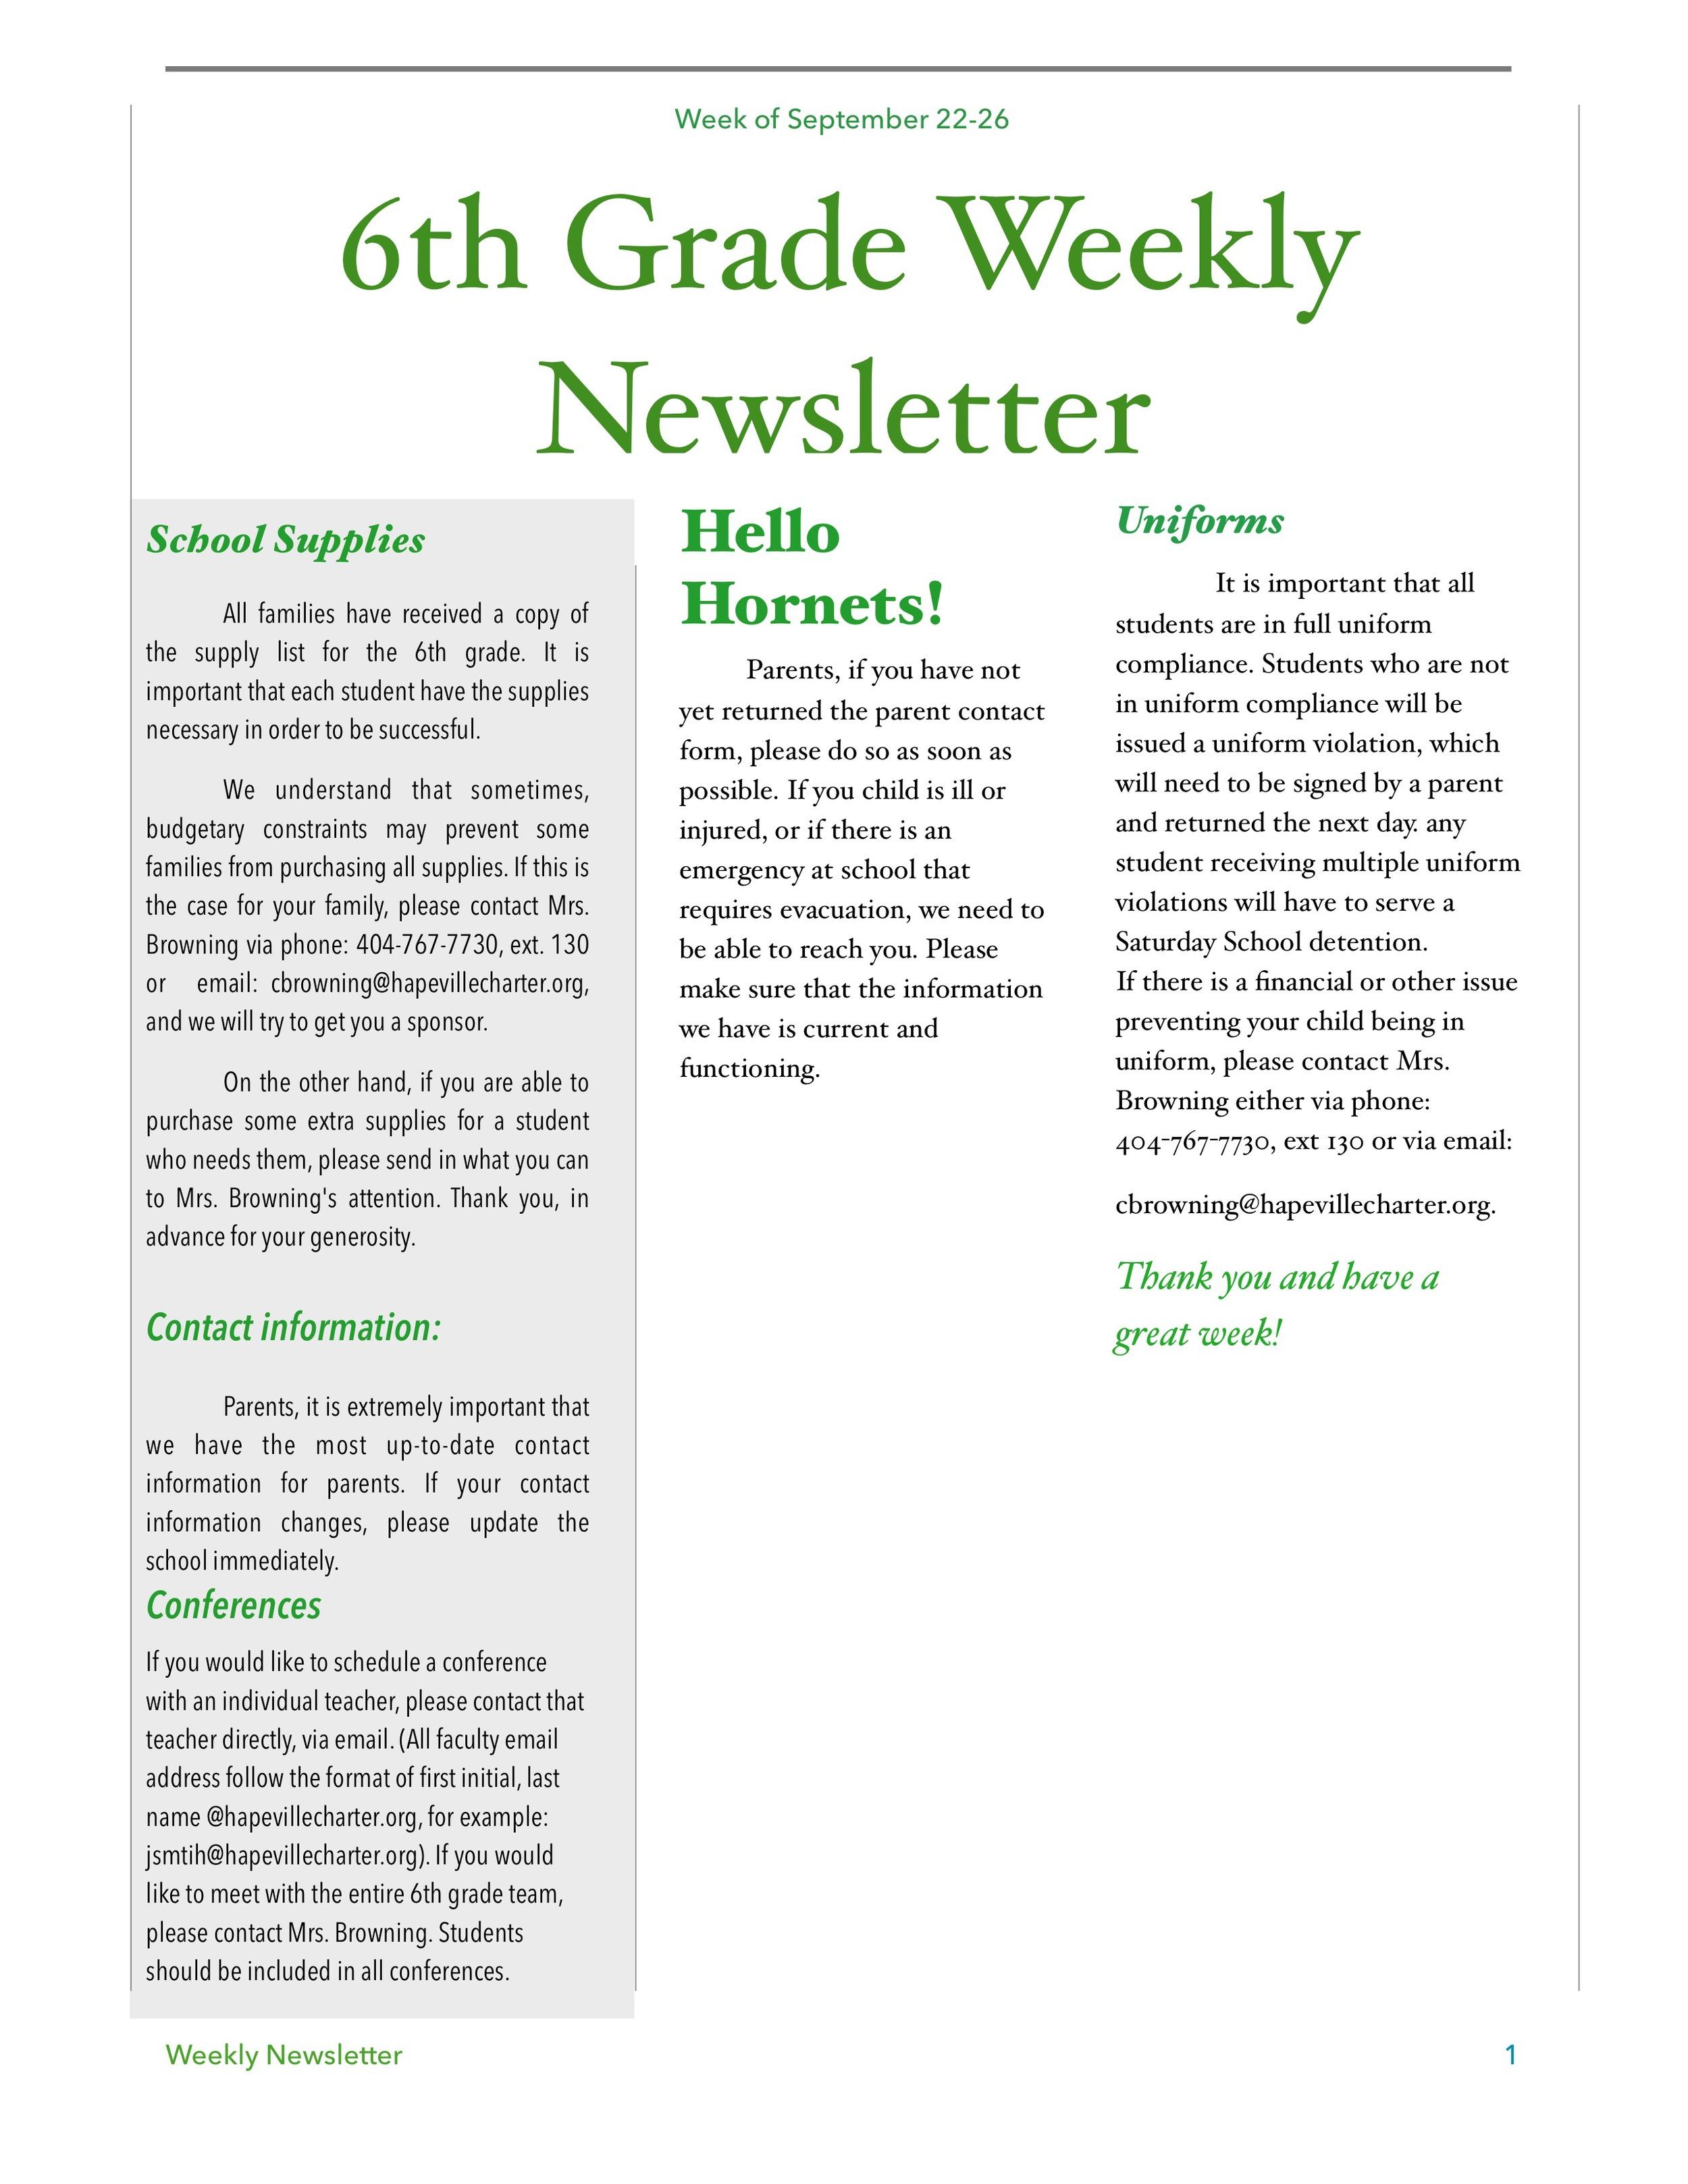 Newsletter ImageSeptember 22-26pdf.jpeg